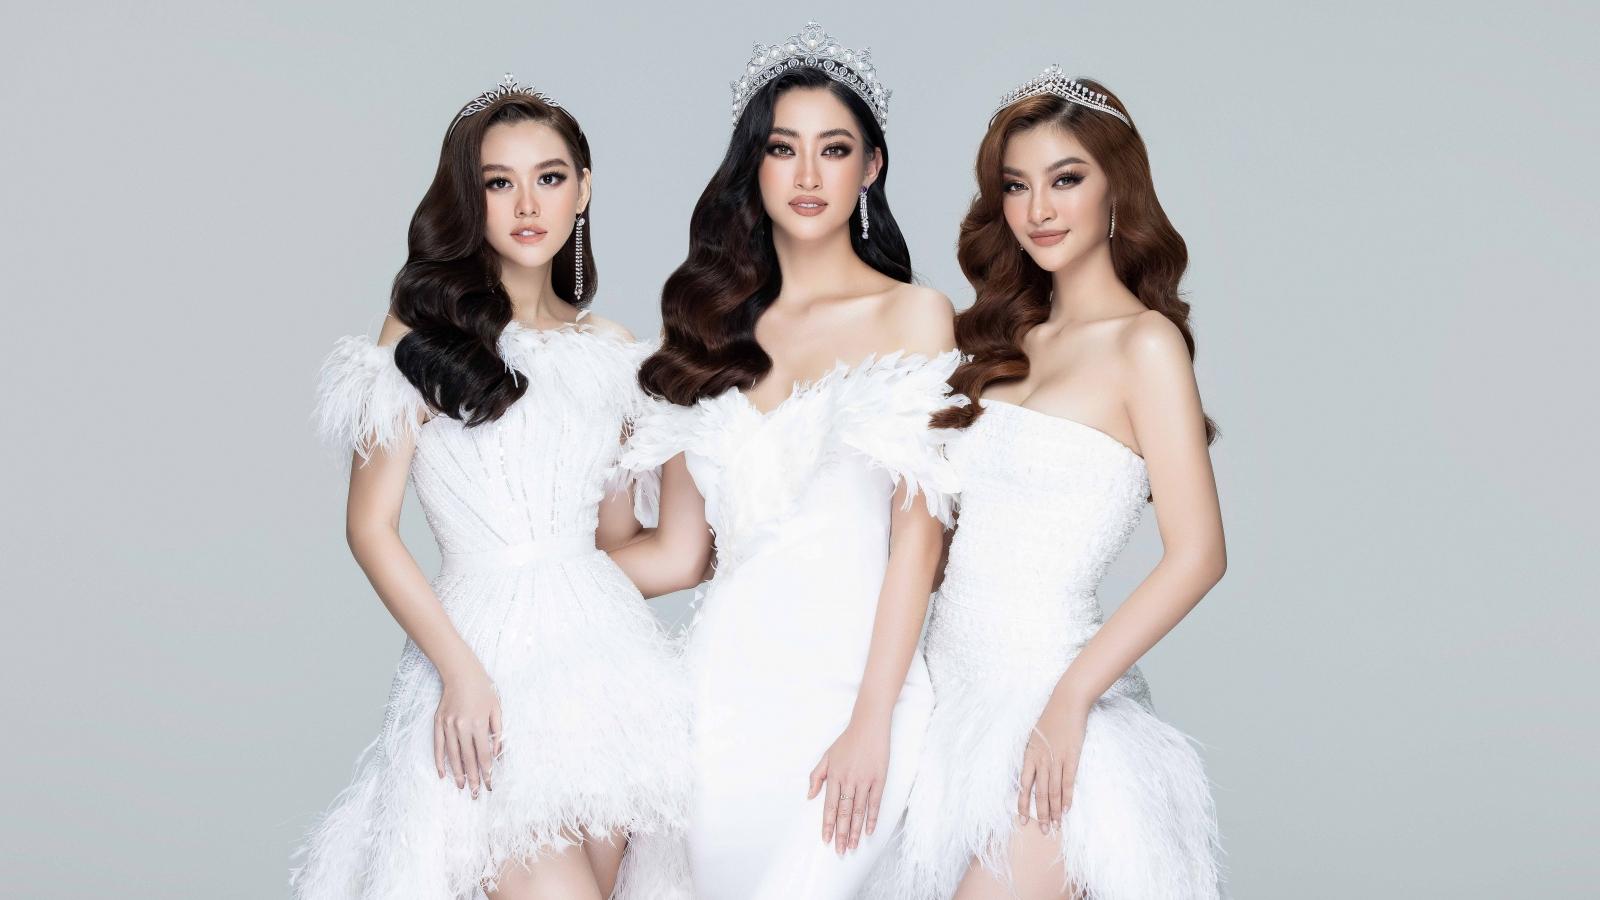 Nhan sắc Top 3 Miss World Vietnam 2019 sau gần 2 năm đăng quang